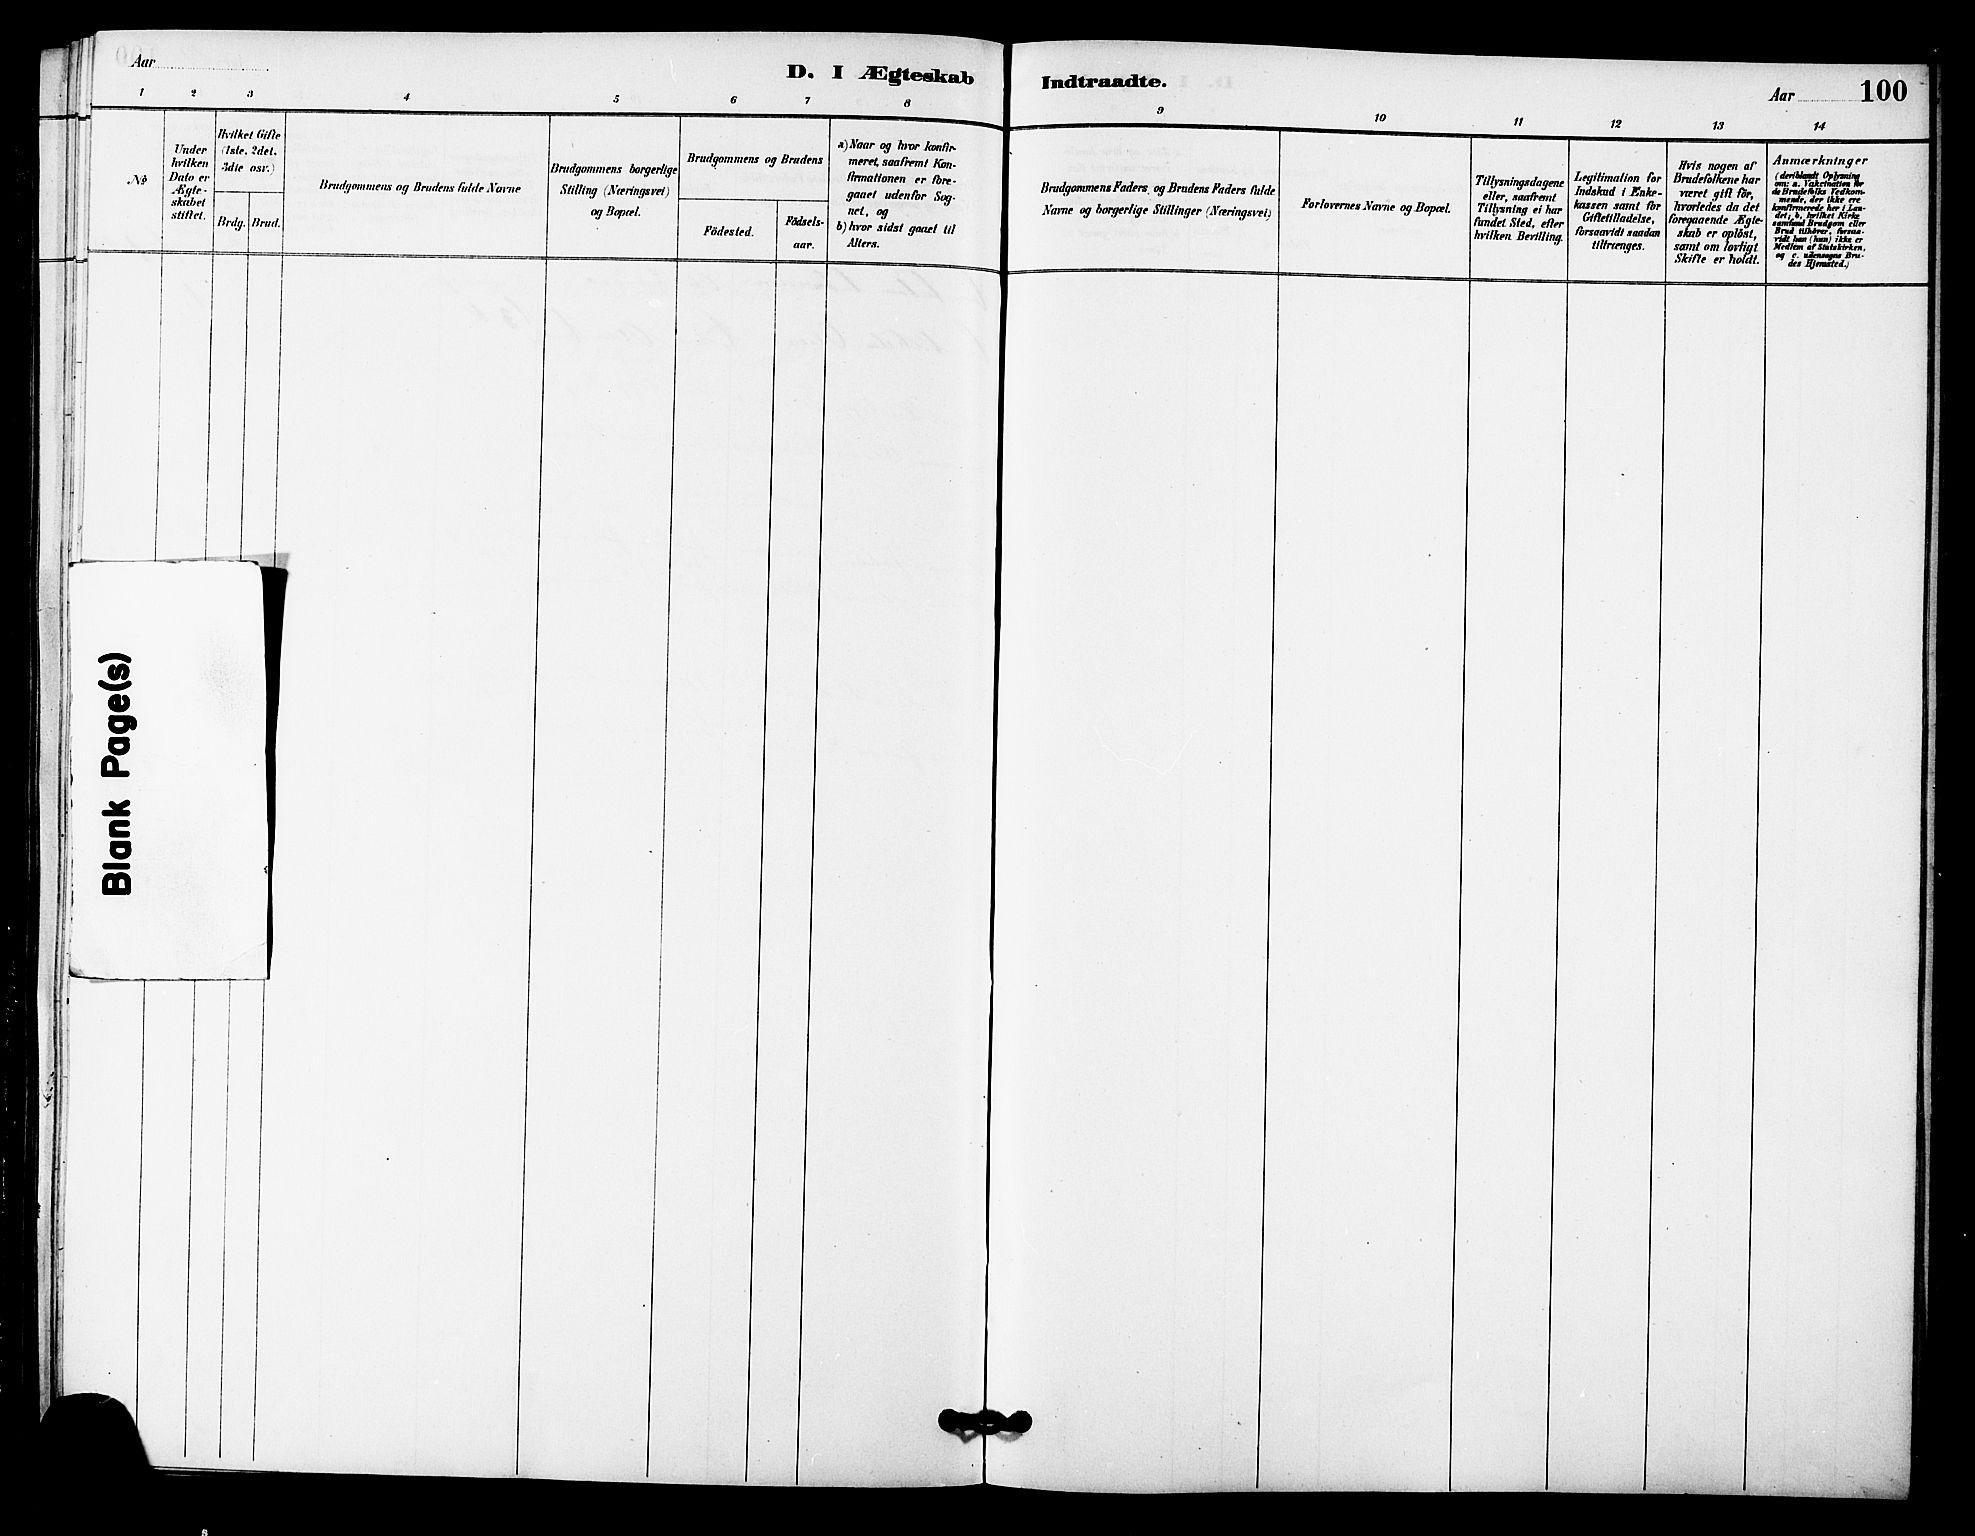 SAT, Ministerialprotokoller, klokkerbøker og fødselsregistre - Sør-Trøndelag, 633/L0519: Klokkerbok nr. 633C01, 1884-1905, s. 100